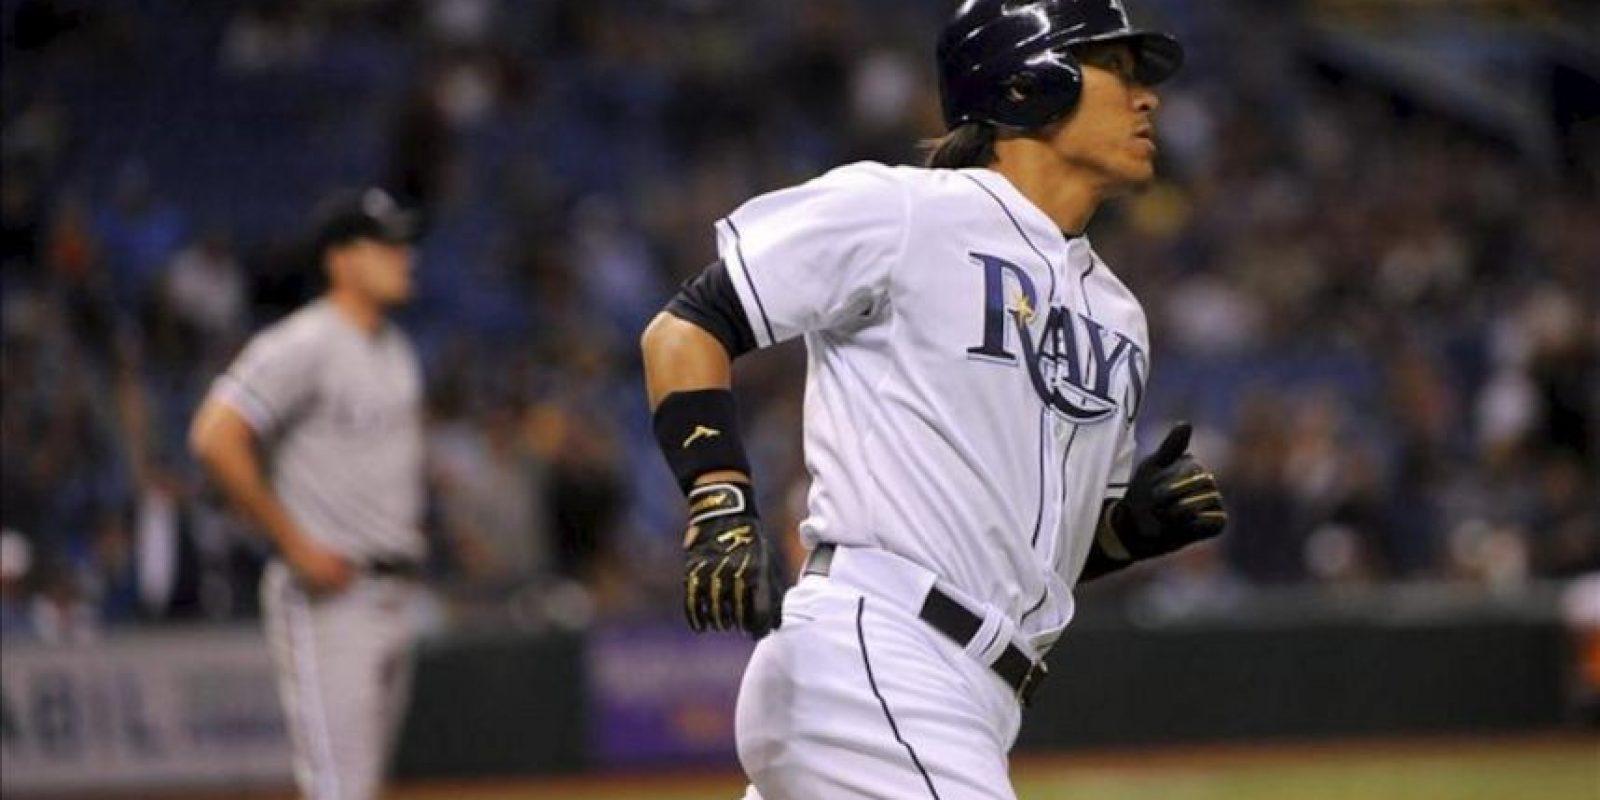 El jugador de los Rayos Hideki Matsui (d) corre entre bases cerca al lanzador de los Medias Blancas Philip Humber (i) por la Liga Mayor de Béisbol (MLB) en San Petersburgo, Florida (EEUU). EFE